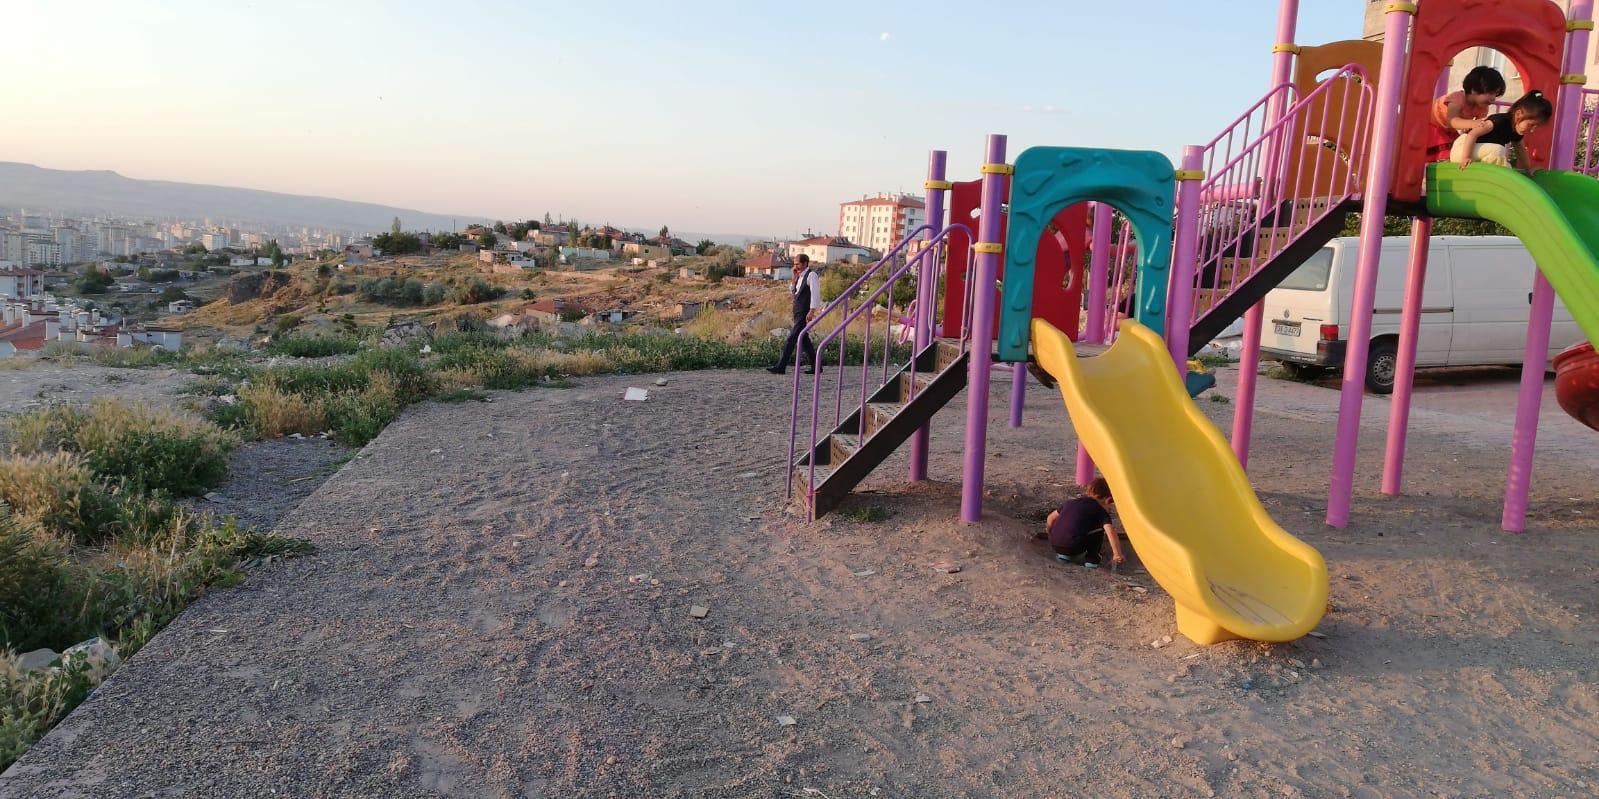 Siirt'te kaydıraktan düşen çocuk ağır yaralandı